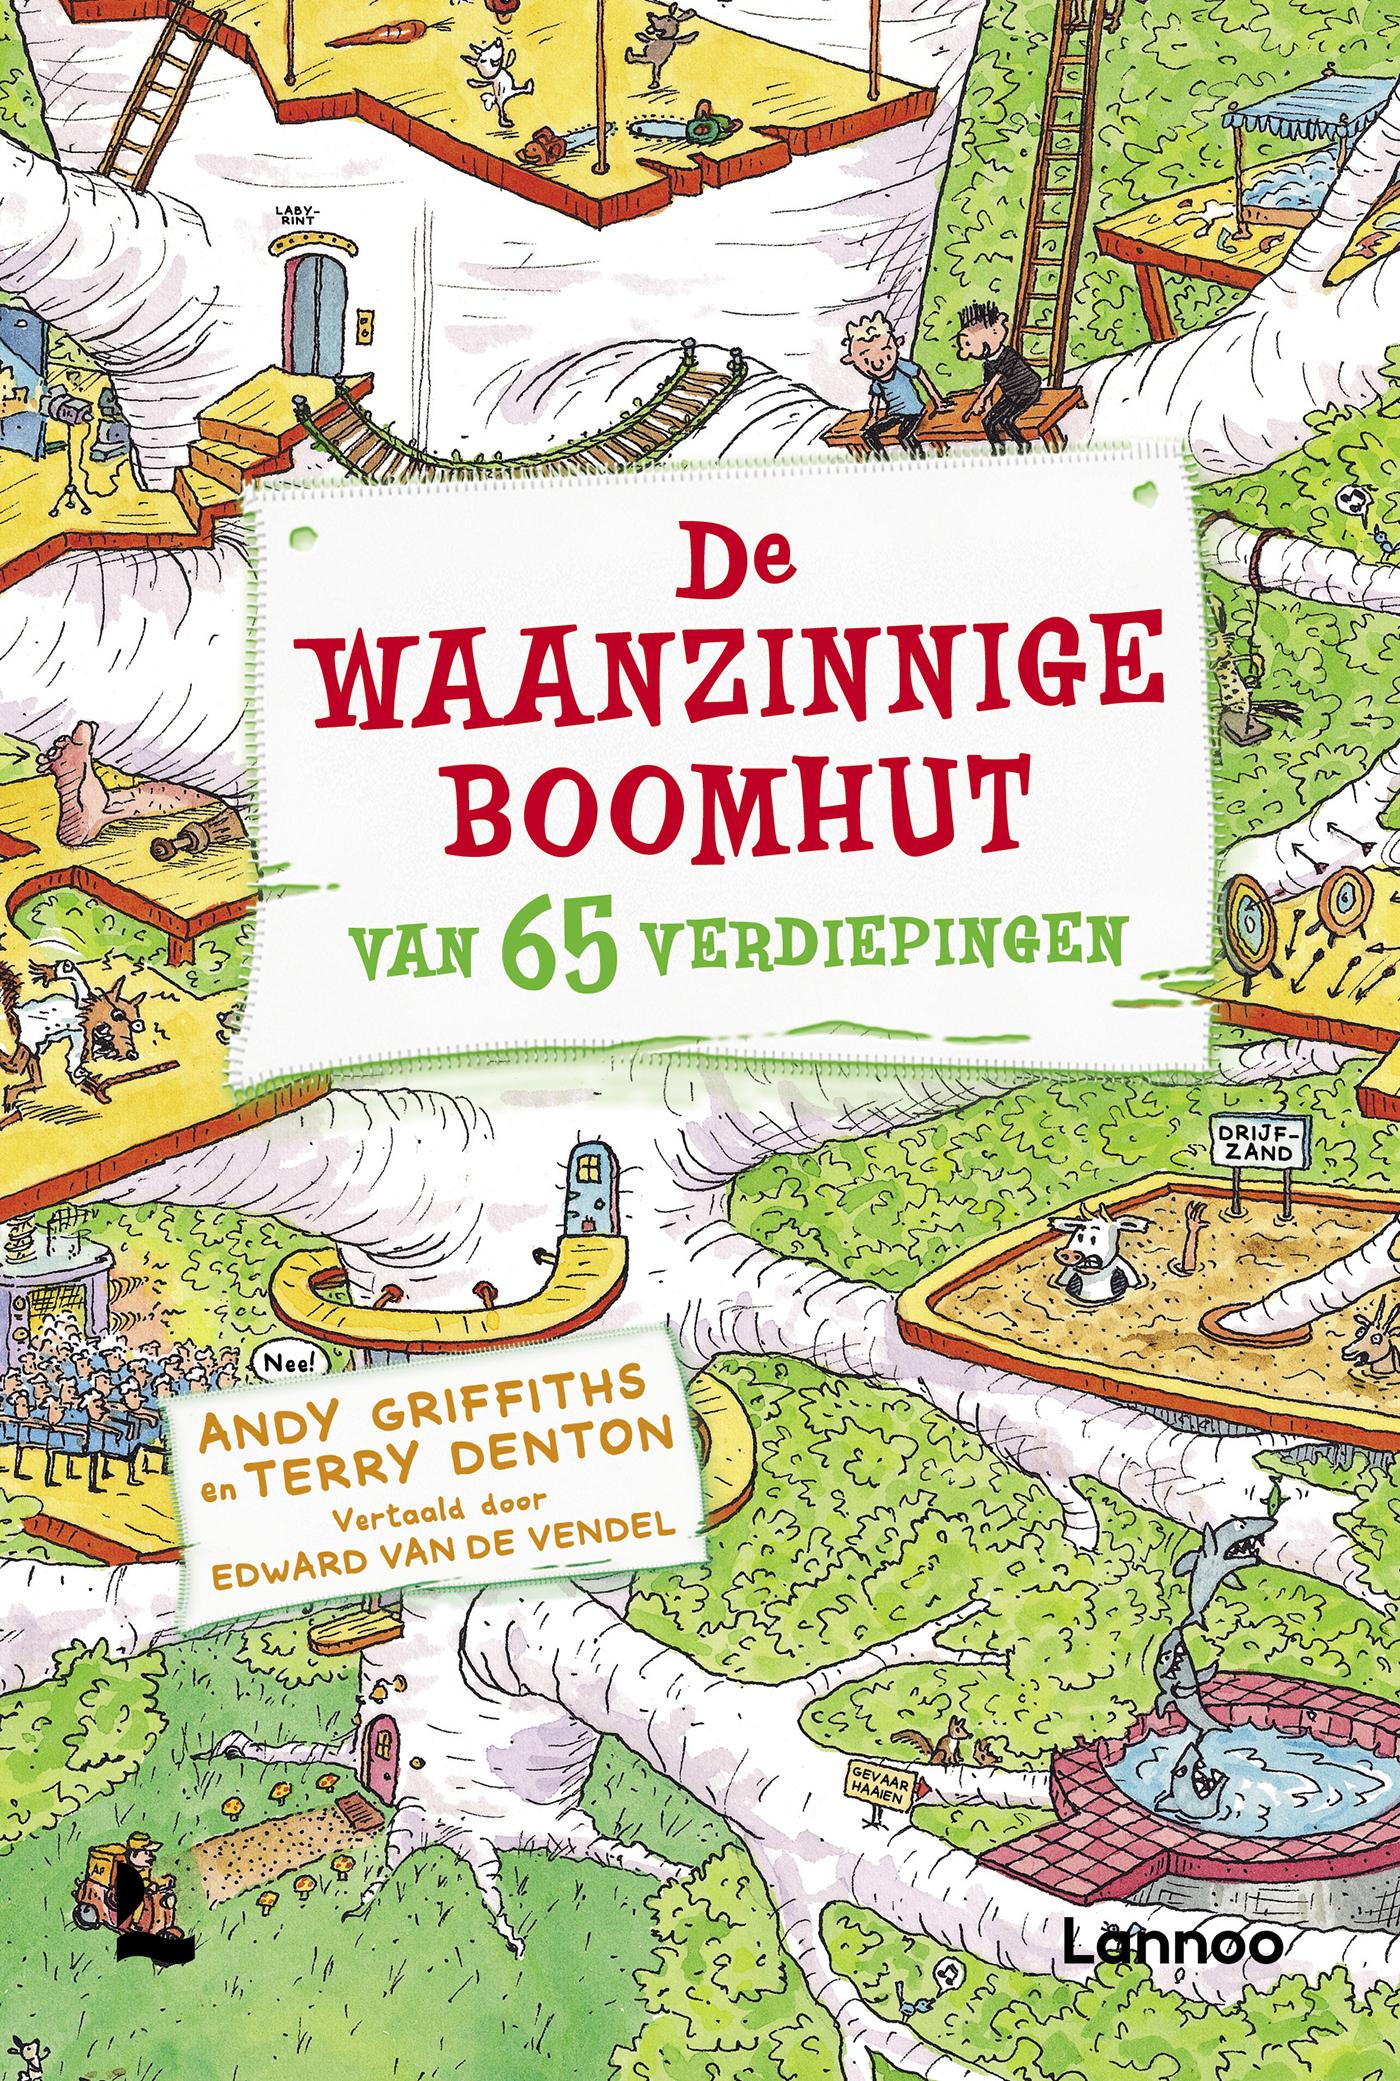 De Waanzinnige Boomhut Van 65 Verdiepingen Uitgeverij Lannoo